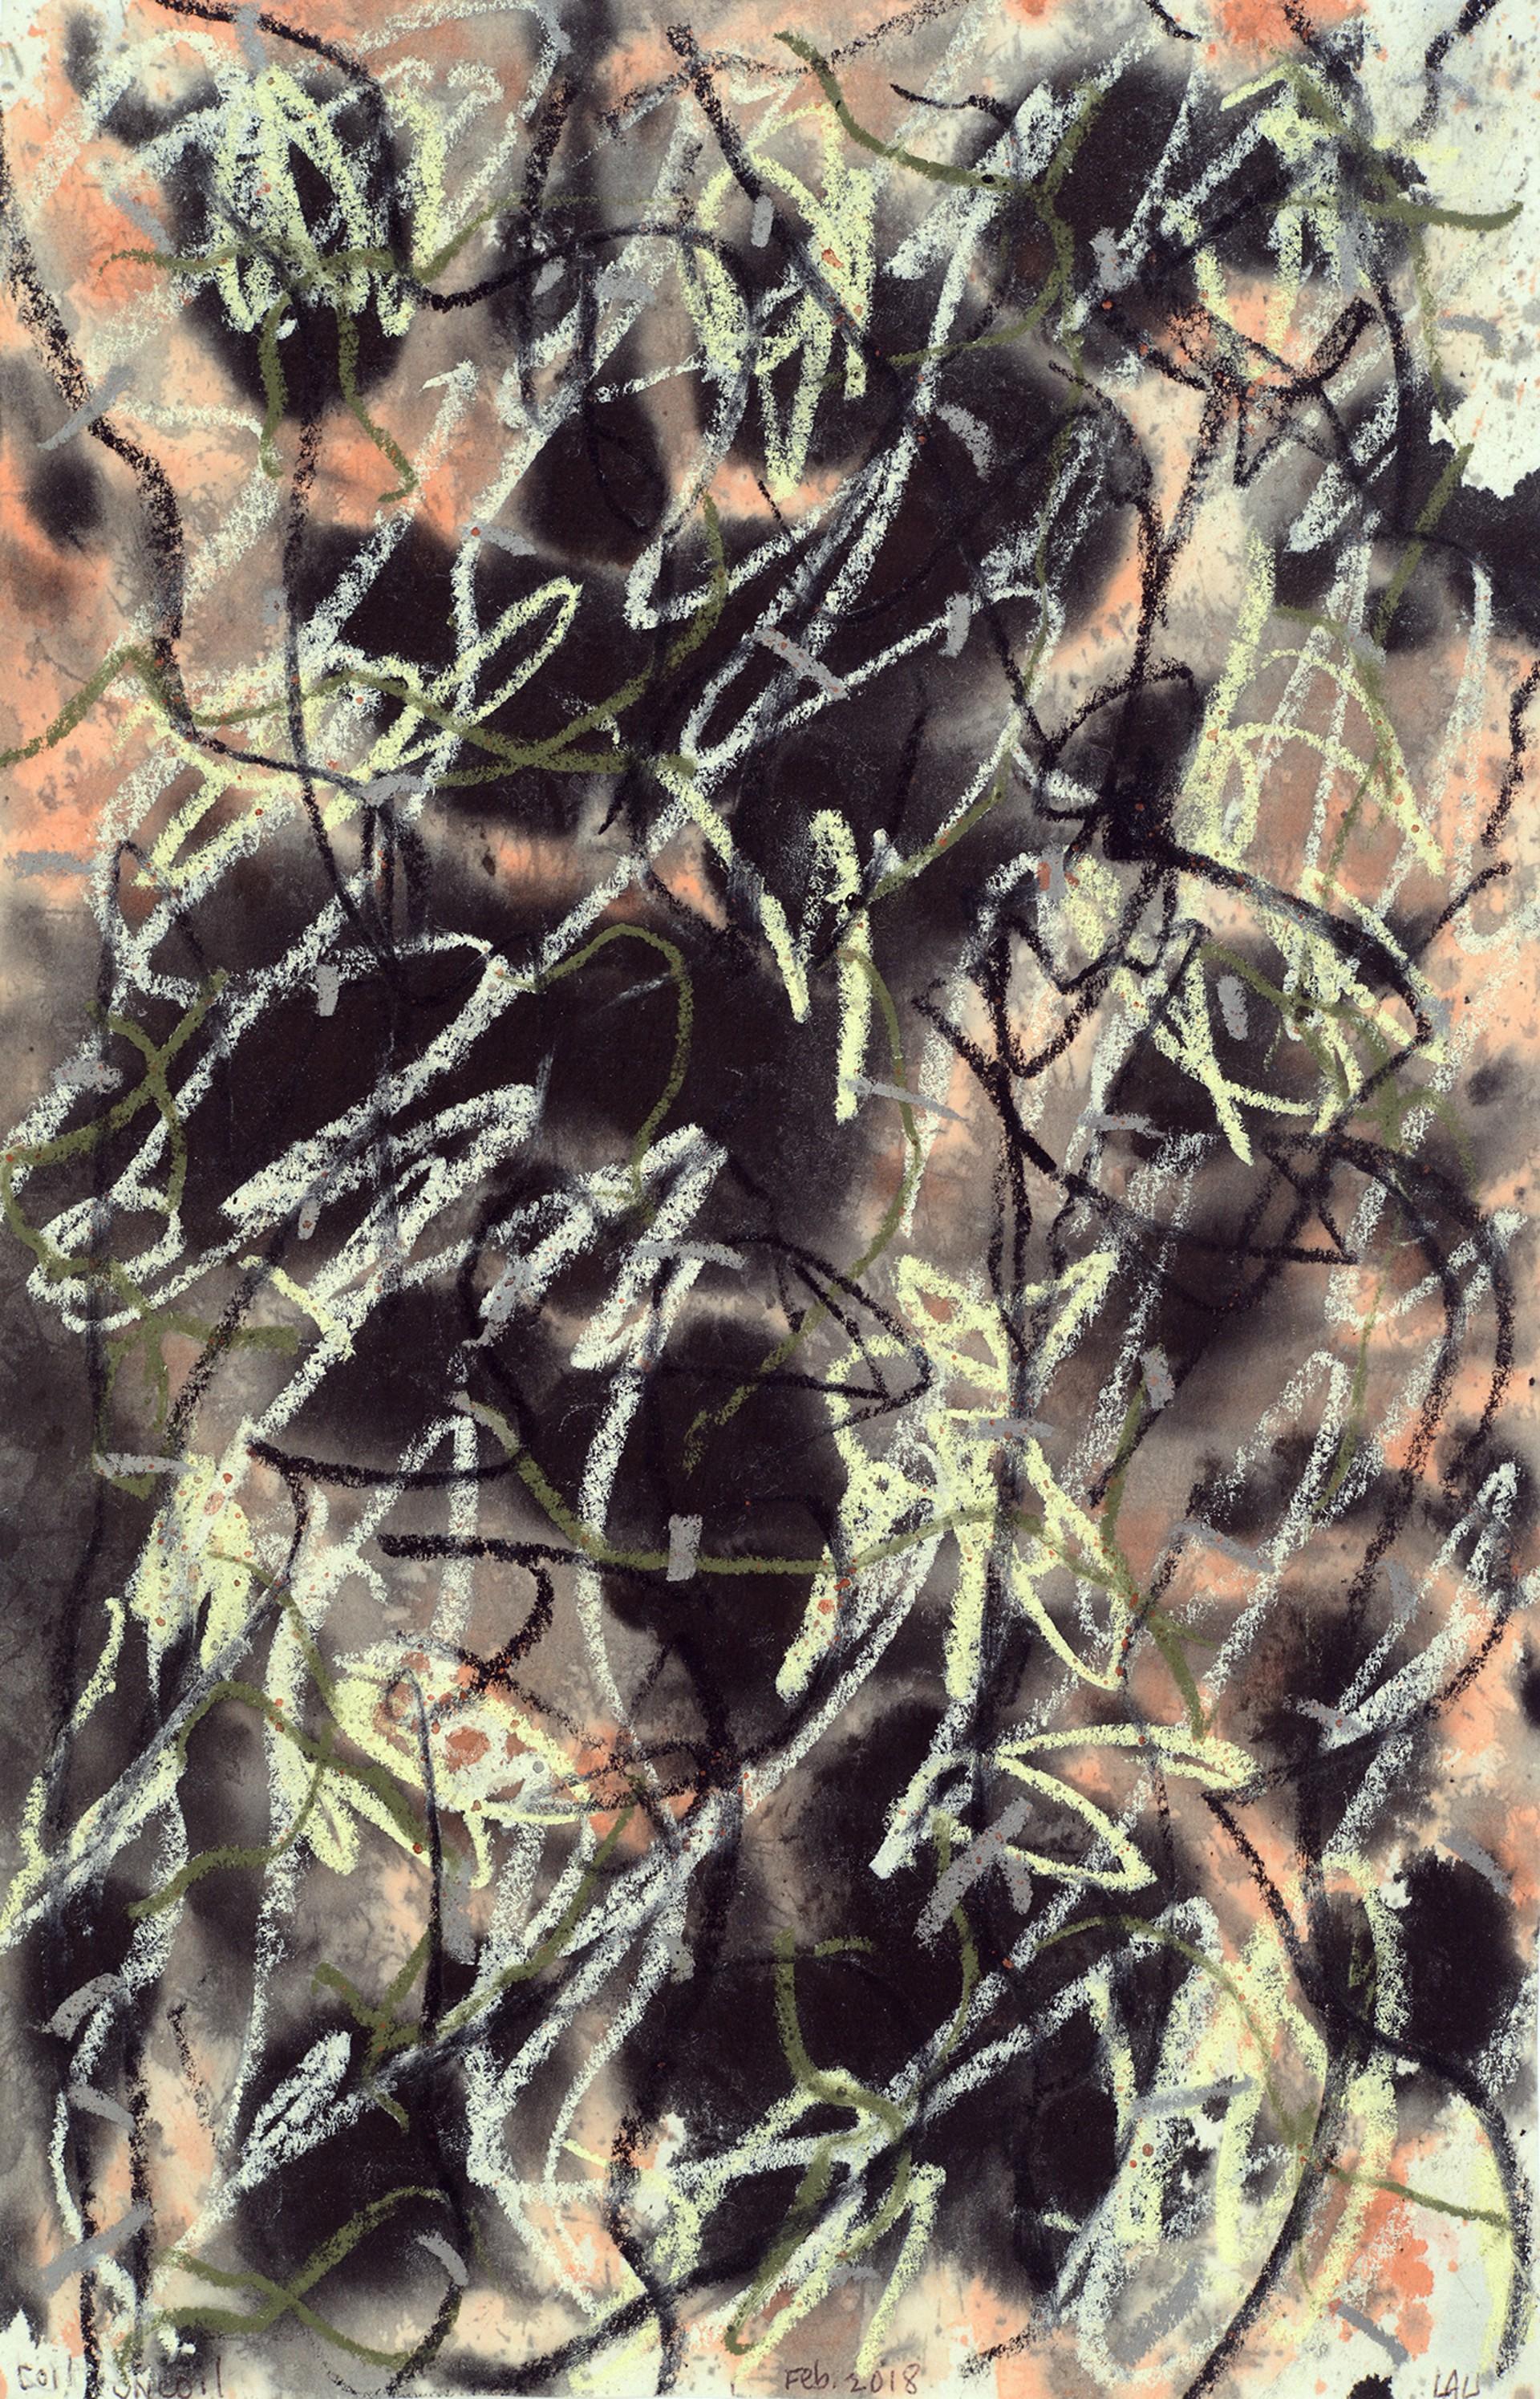 coil, uncoil by Alan Lau